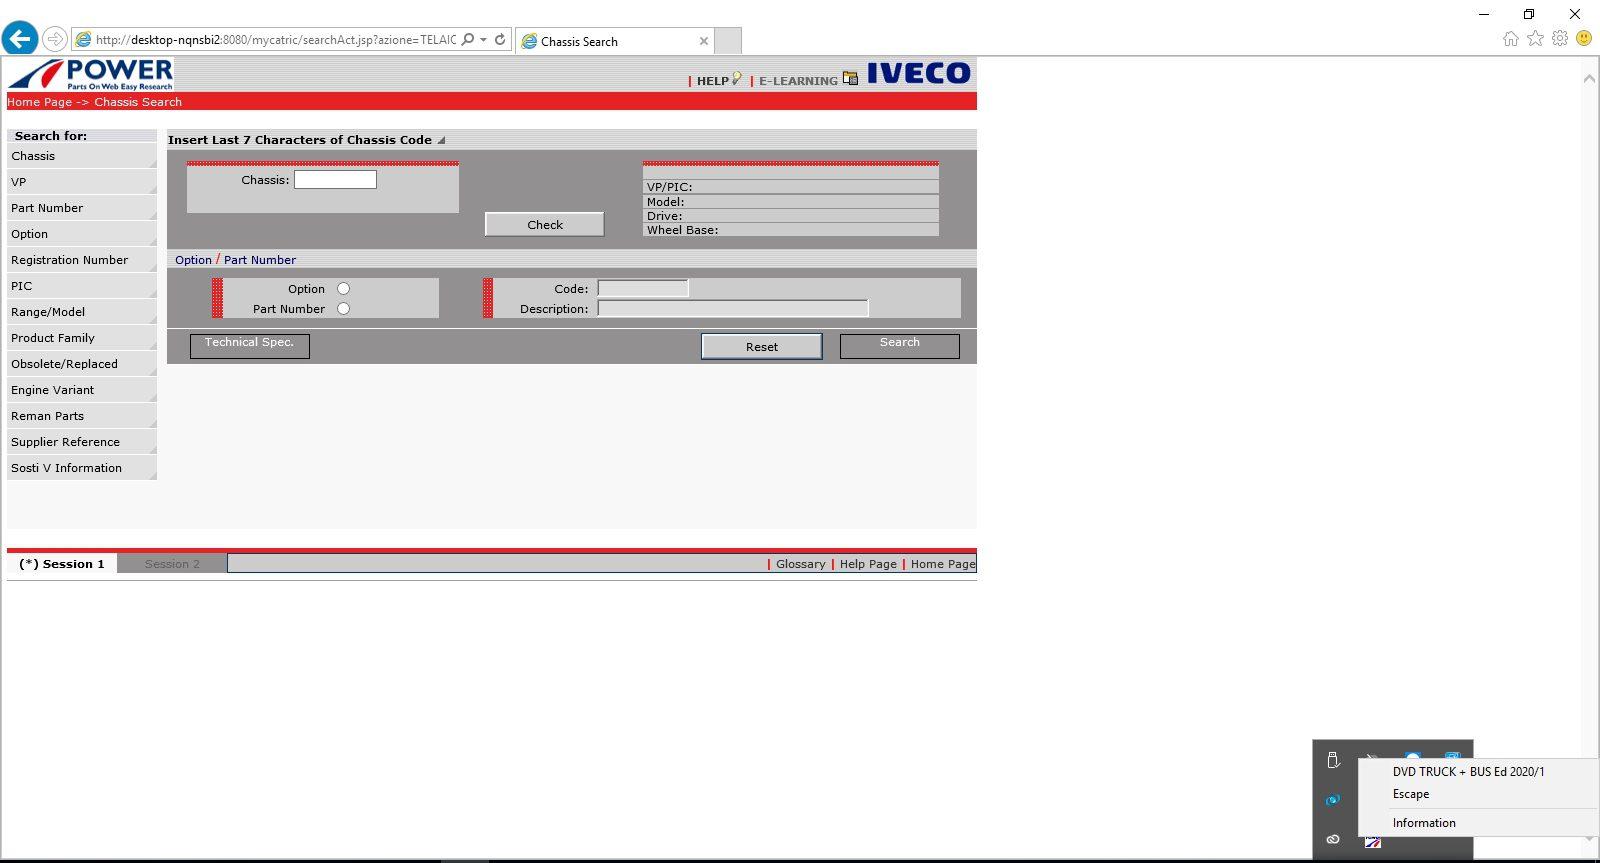 Iveco_Power_Trucks_Buses_Q1_012020_Full_Instruction_9